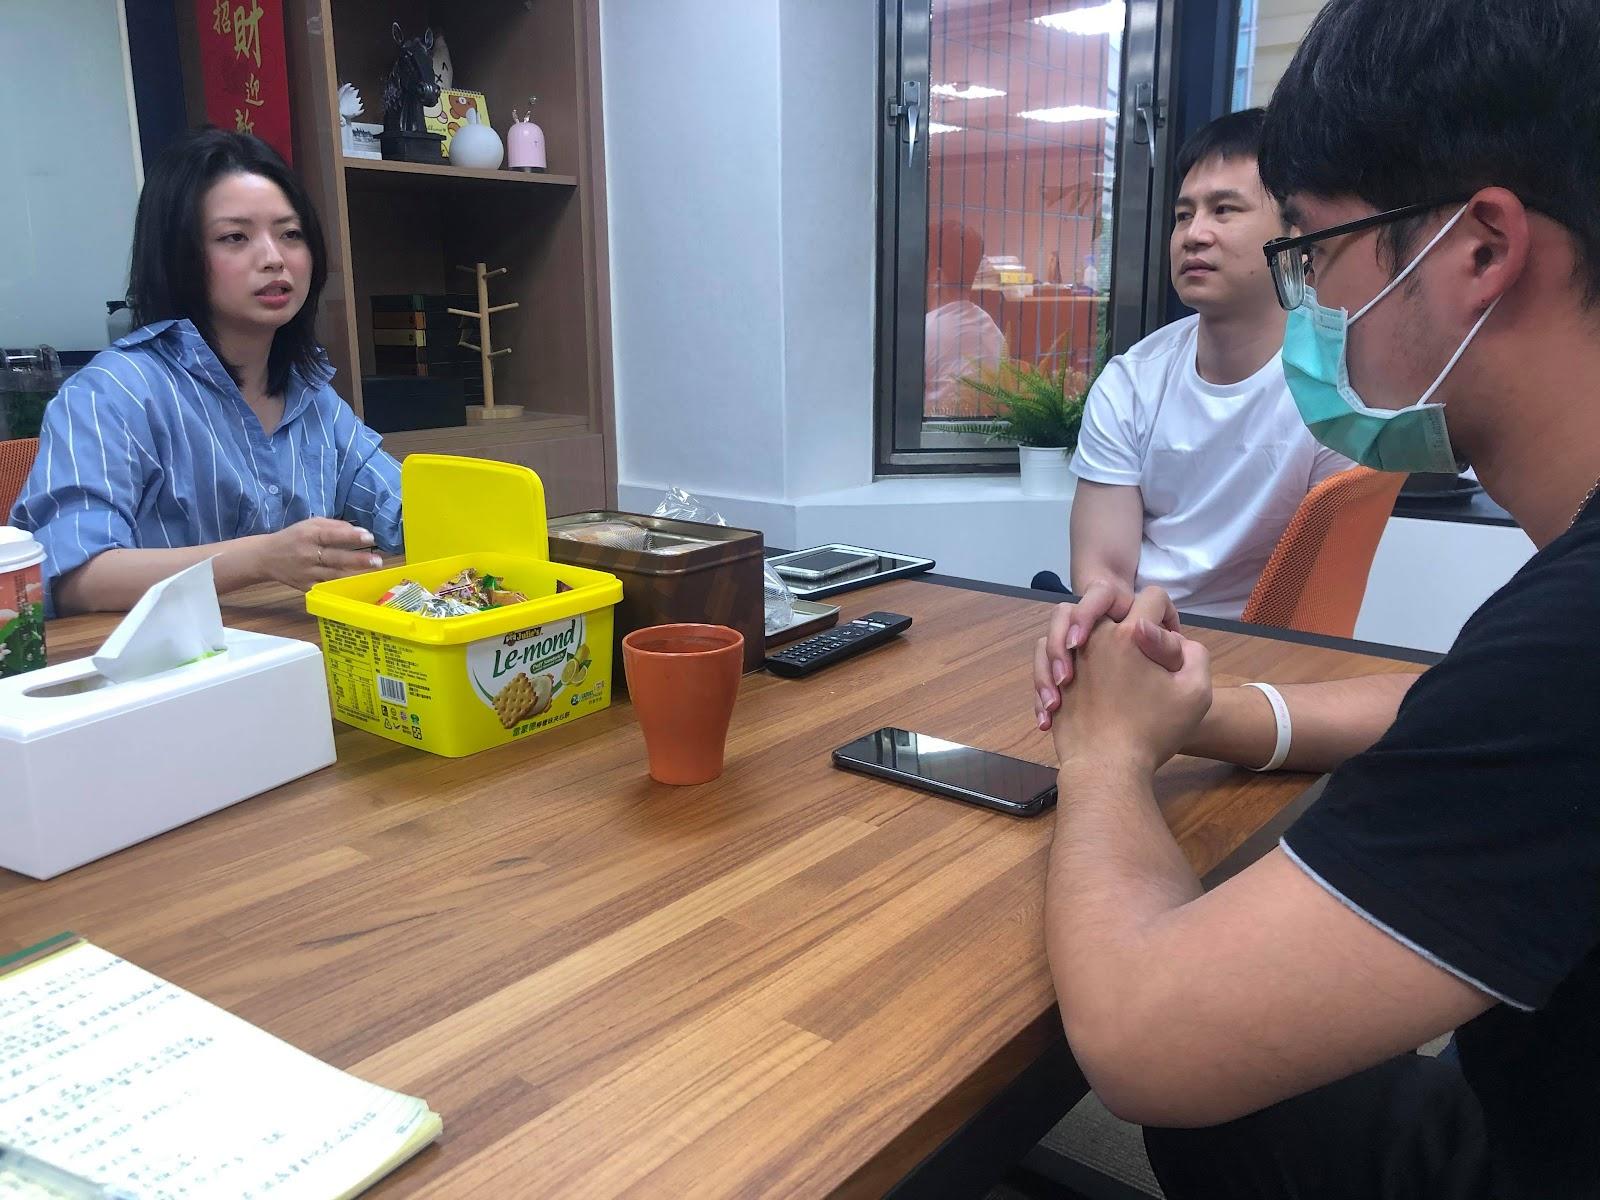 火花/保衛馬克思主義網站採訪了郭芷嫣。//圖片來源:蔡大榮